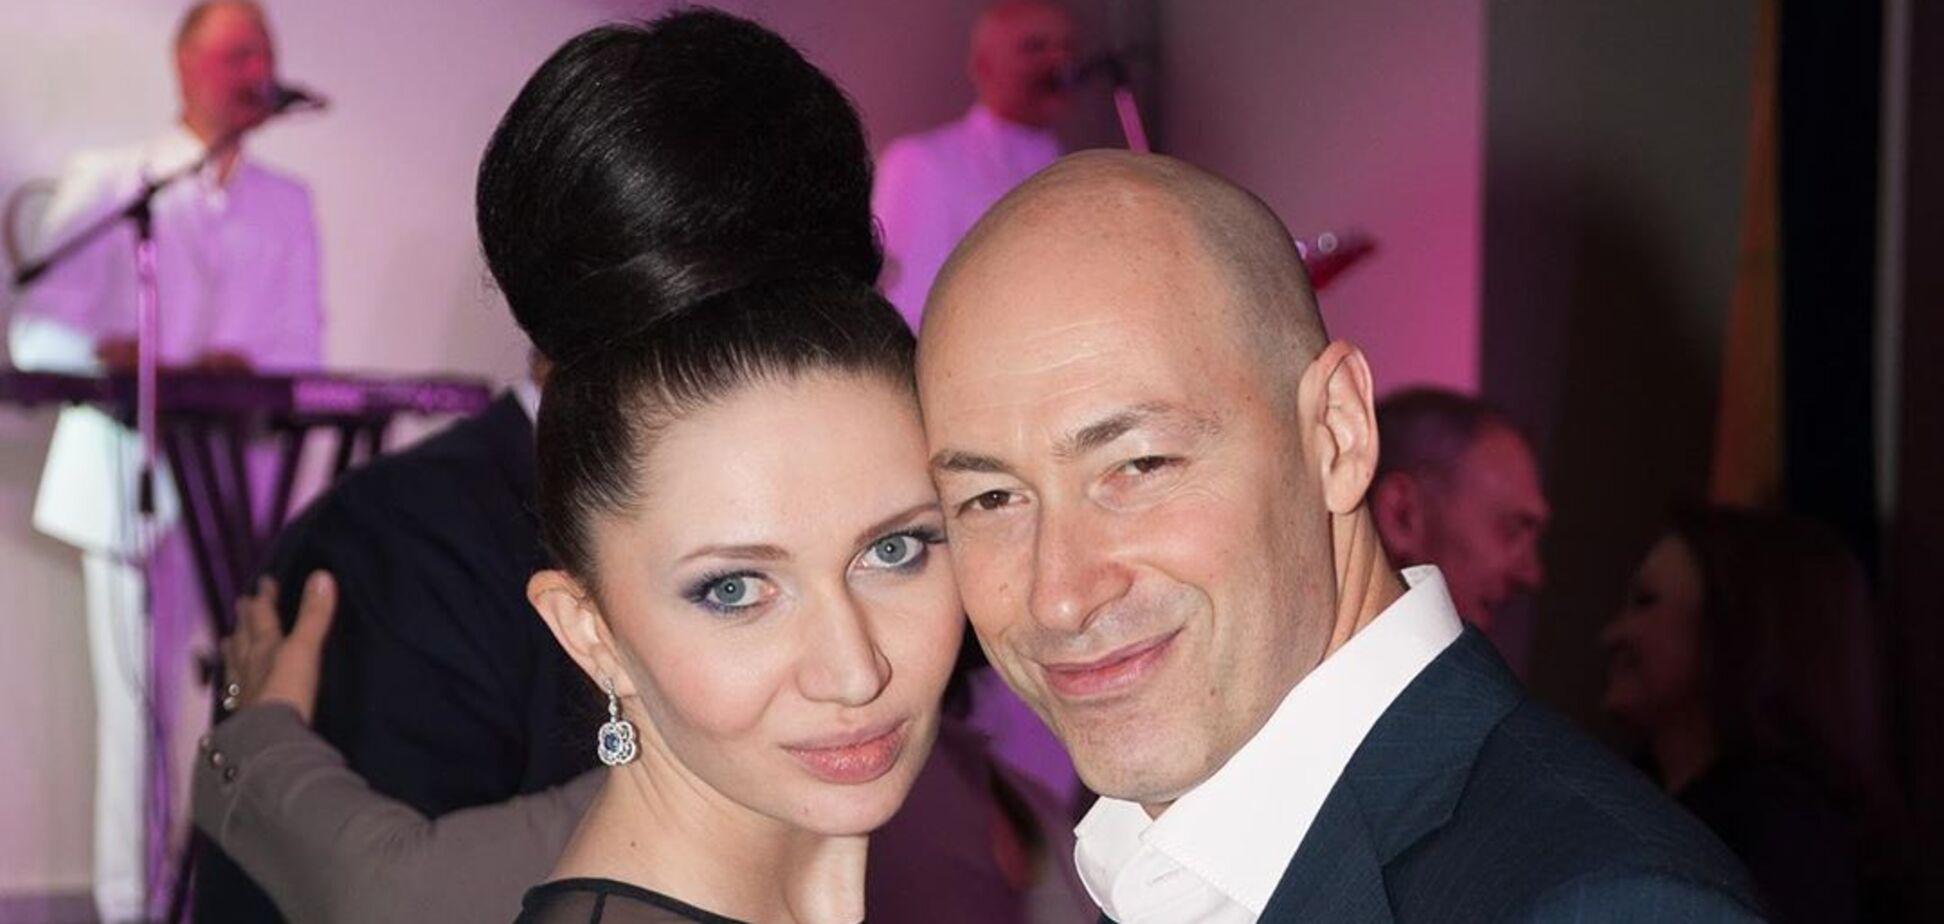 Дмитрий Гордон засветил голый торс и похвастался отдыхом с женой в бикини. Фото